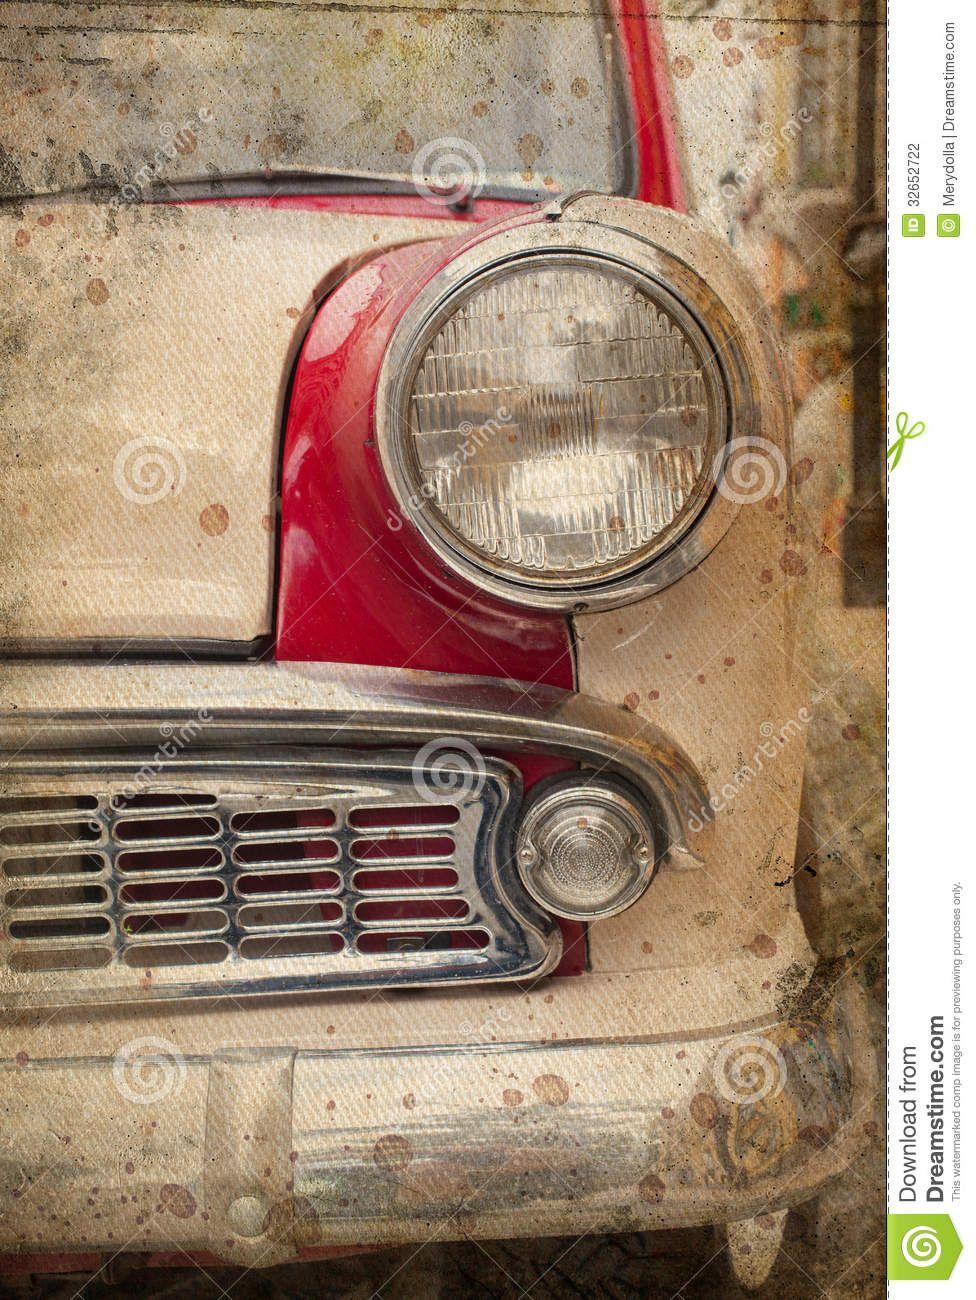 Retro Car Headlight Stock Photography Image 32652722 Retro Cars Car Headlights Retro Retro vintage red car headlight hd